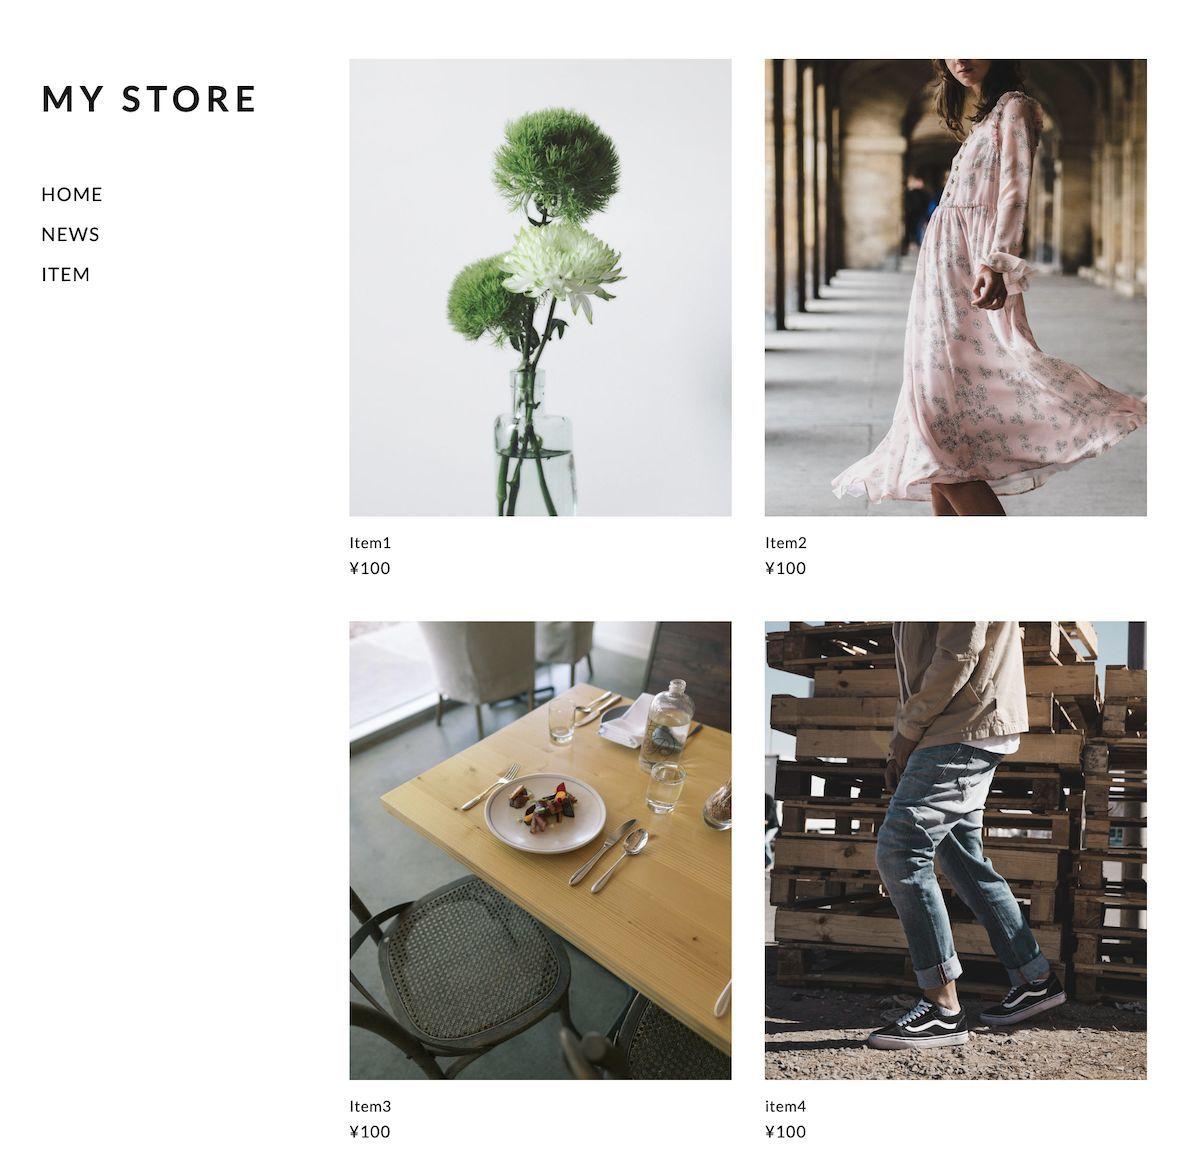 f:id:storesblog:20190409124255j:plain